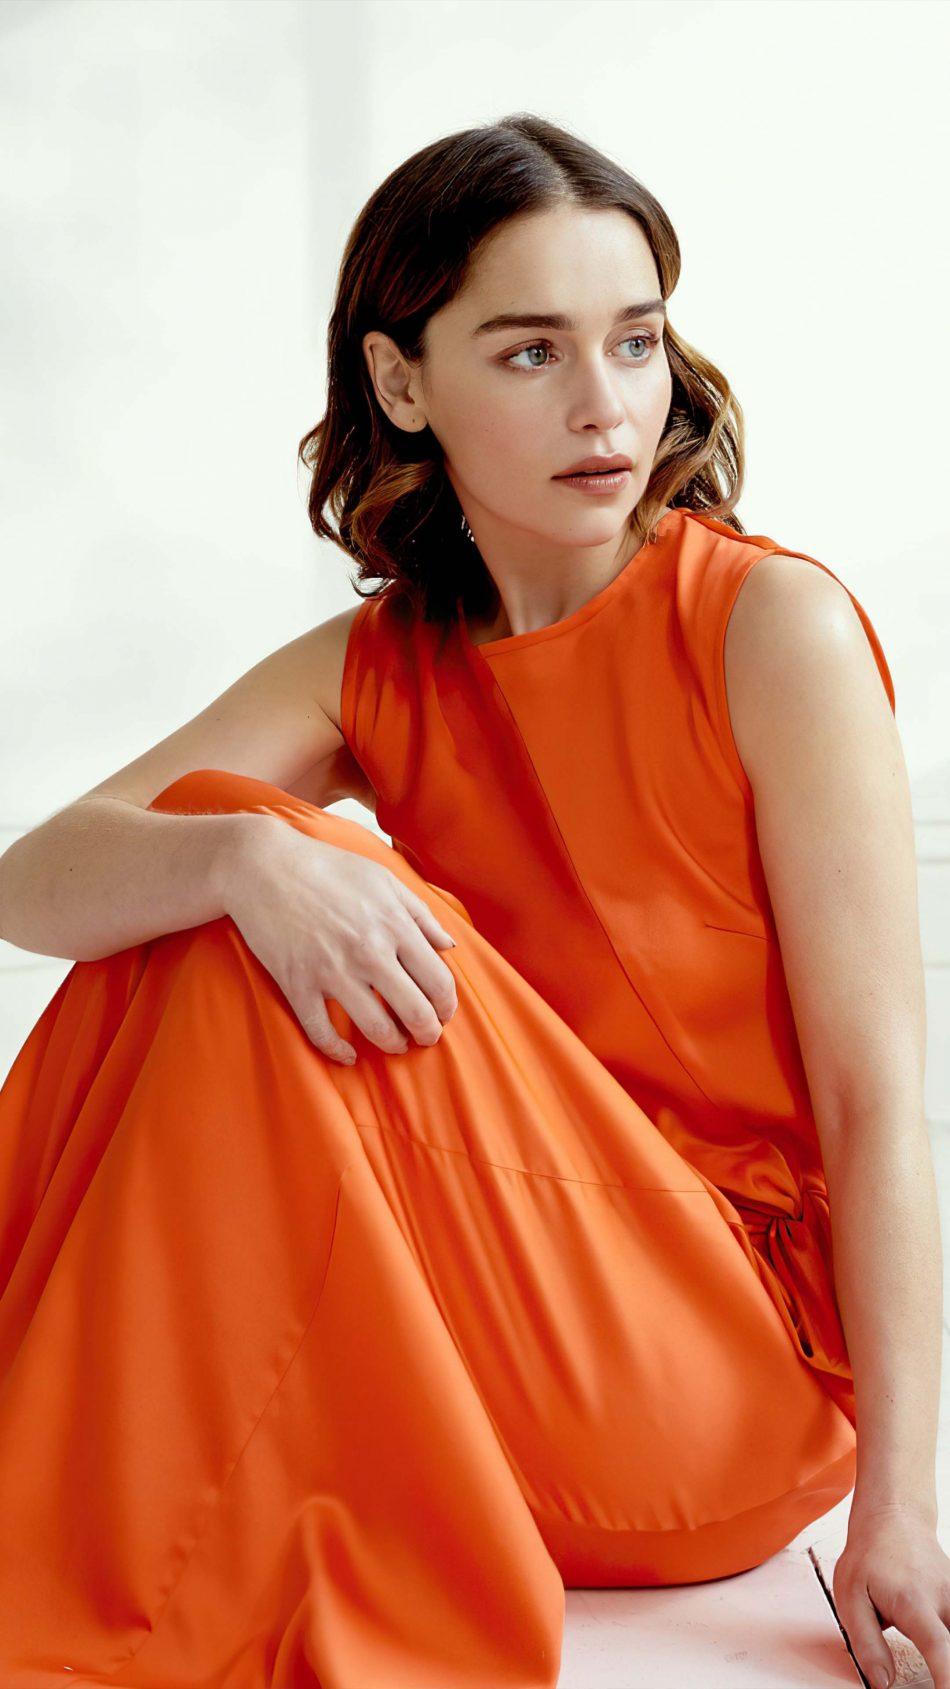 Emilia Clarke In Orange Dress 2020 4K Ultra HD Mobile Wallpaper